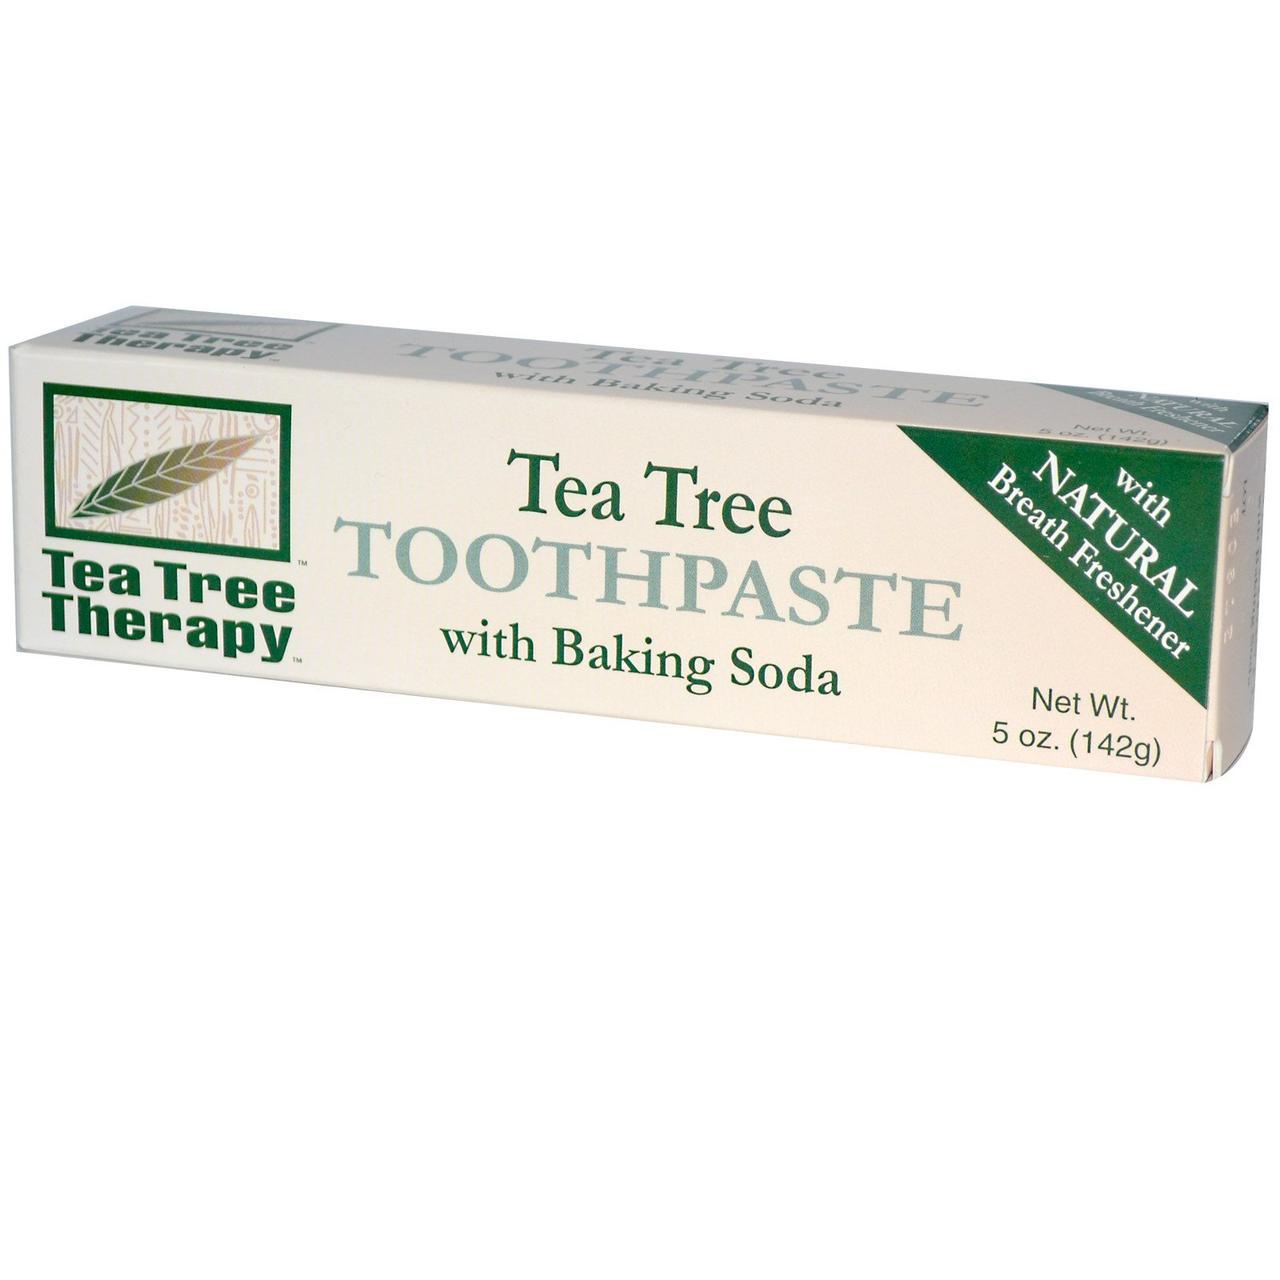 Зубная паста с экстрактом чайного дерева и пищевой содой, Tea Tree Therapy, 142грамм